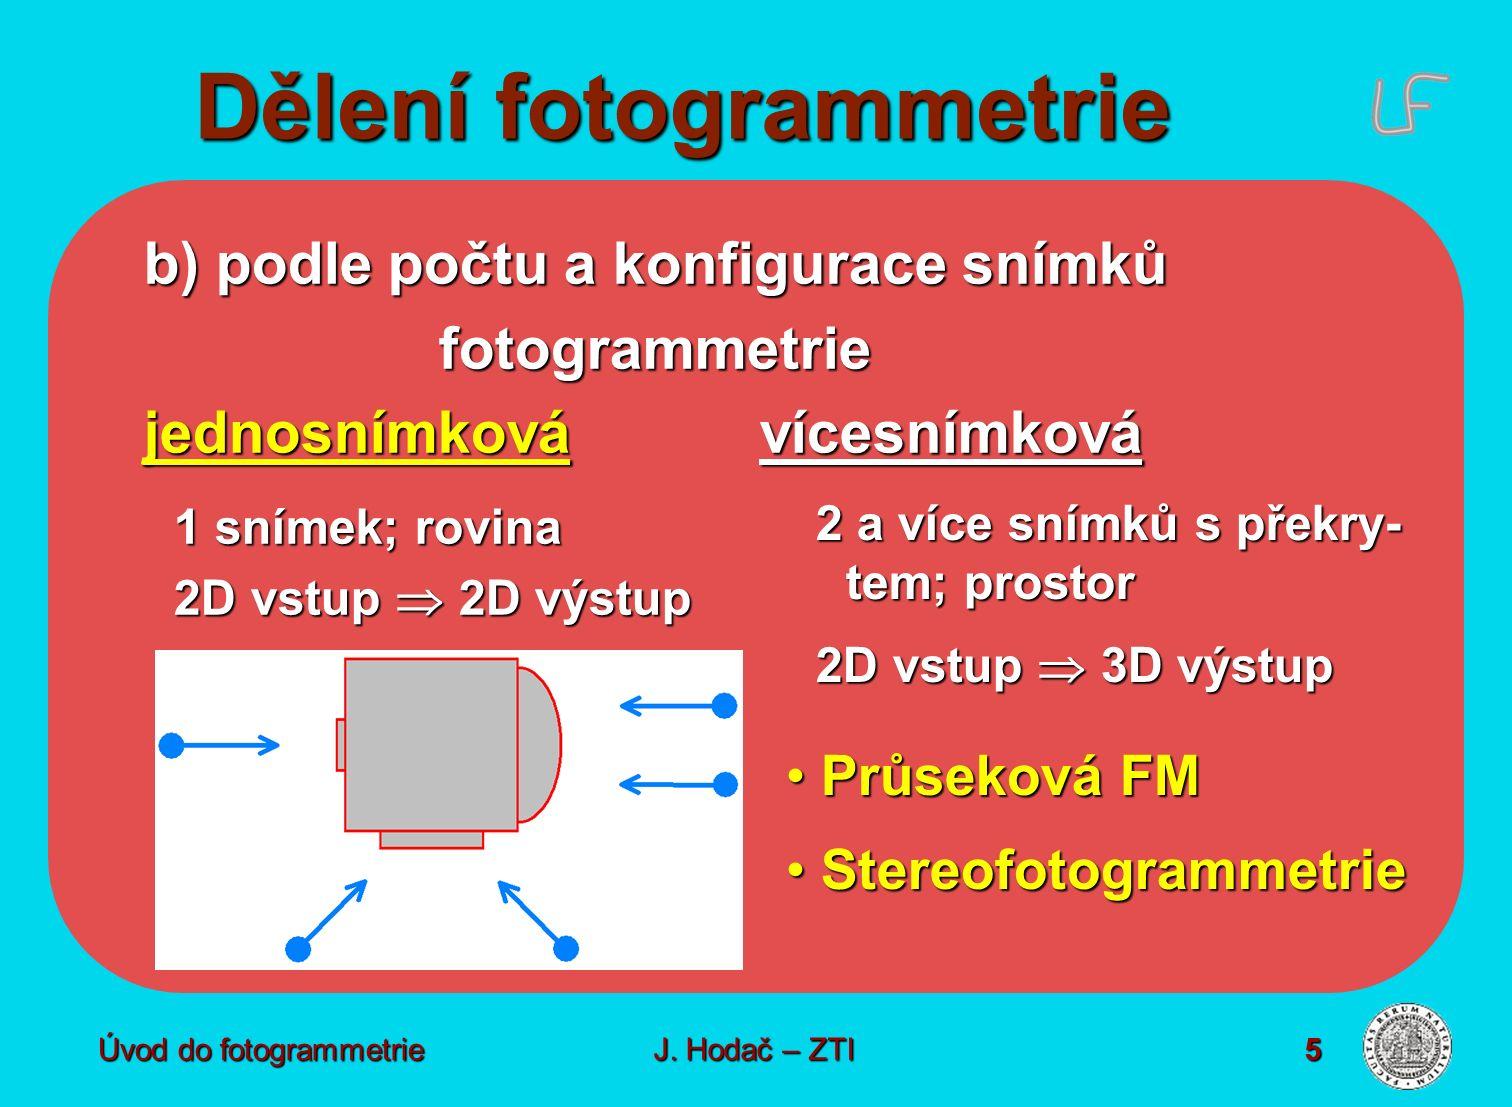 Úvod do fotogrammetrie5 Dělení fotogrammetrie b) podle počtu a konfigurace snímků fotogrammetrie jednosnímkovávícesnímková 1 snímek; rovina 2D vstup  2D výstup 2 a více snímků s překry- tem; prostor 2D vstup  3D výstup Průseková FM Průseková FM Stereofotogrammetrie Stereofotogrammetrie J.